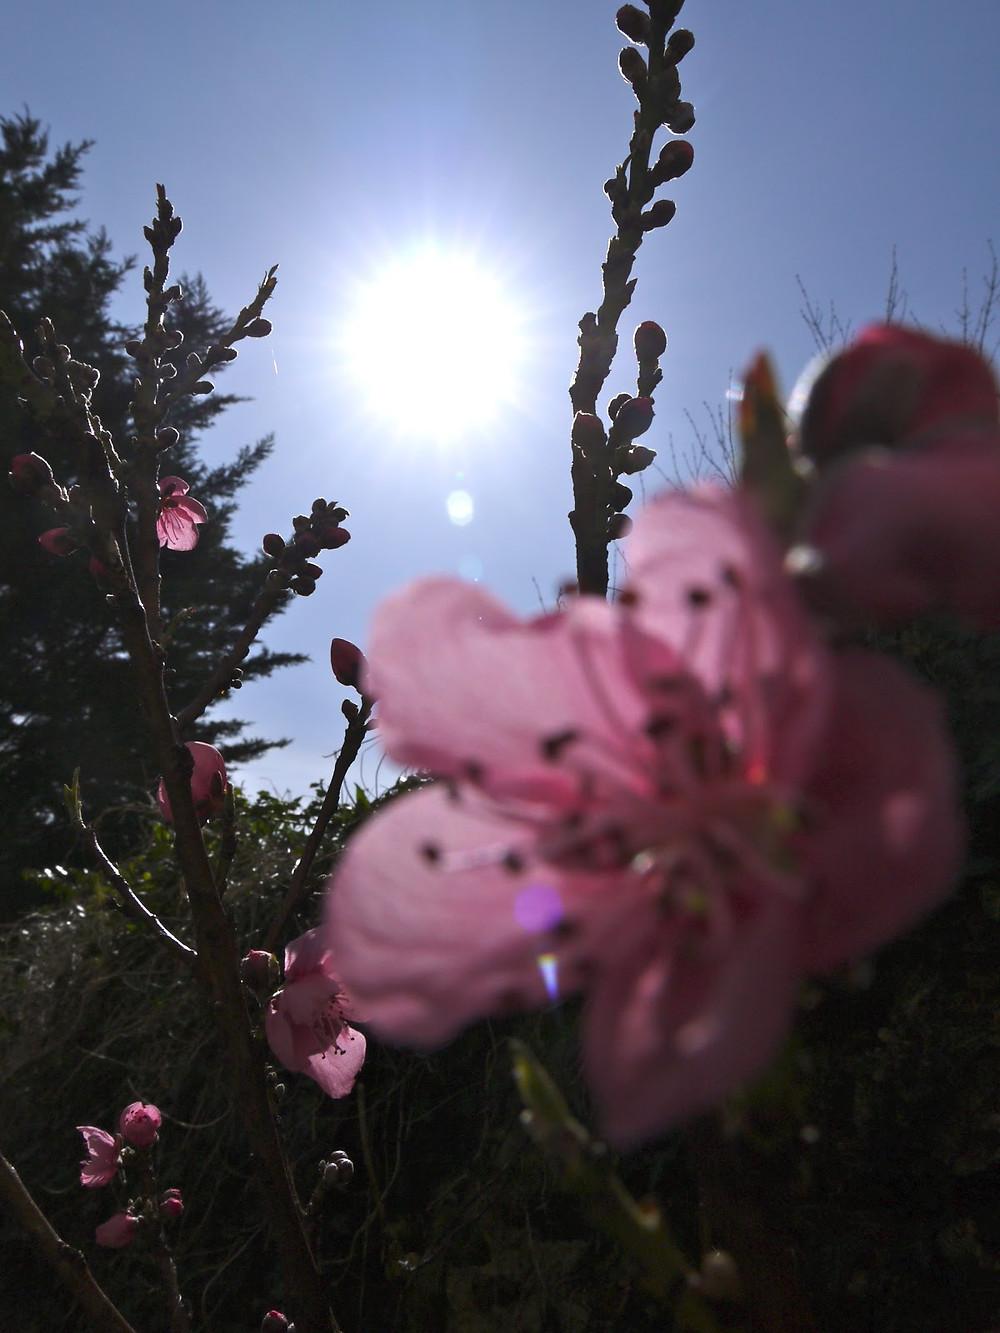 My Garden in March